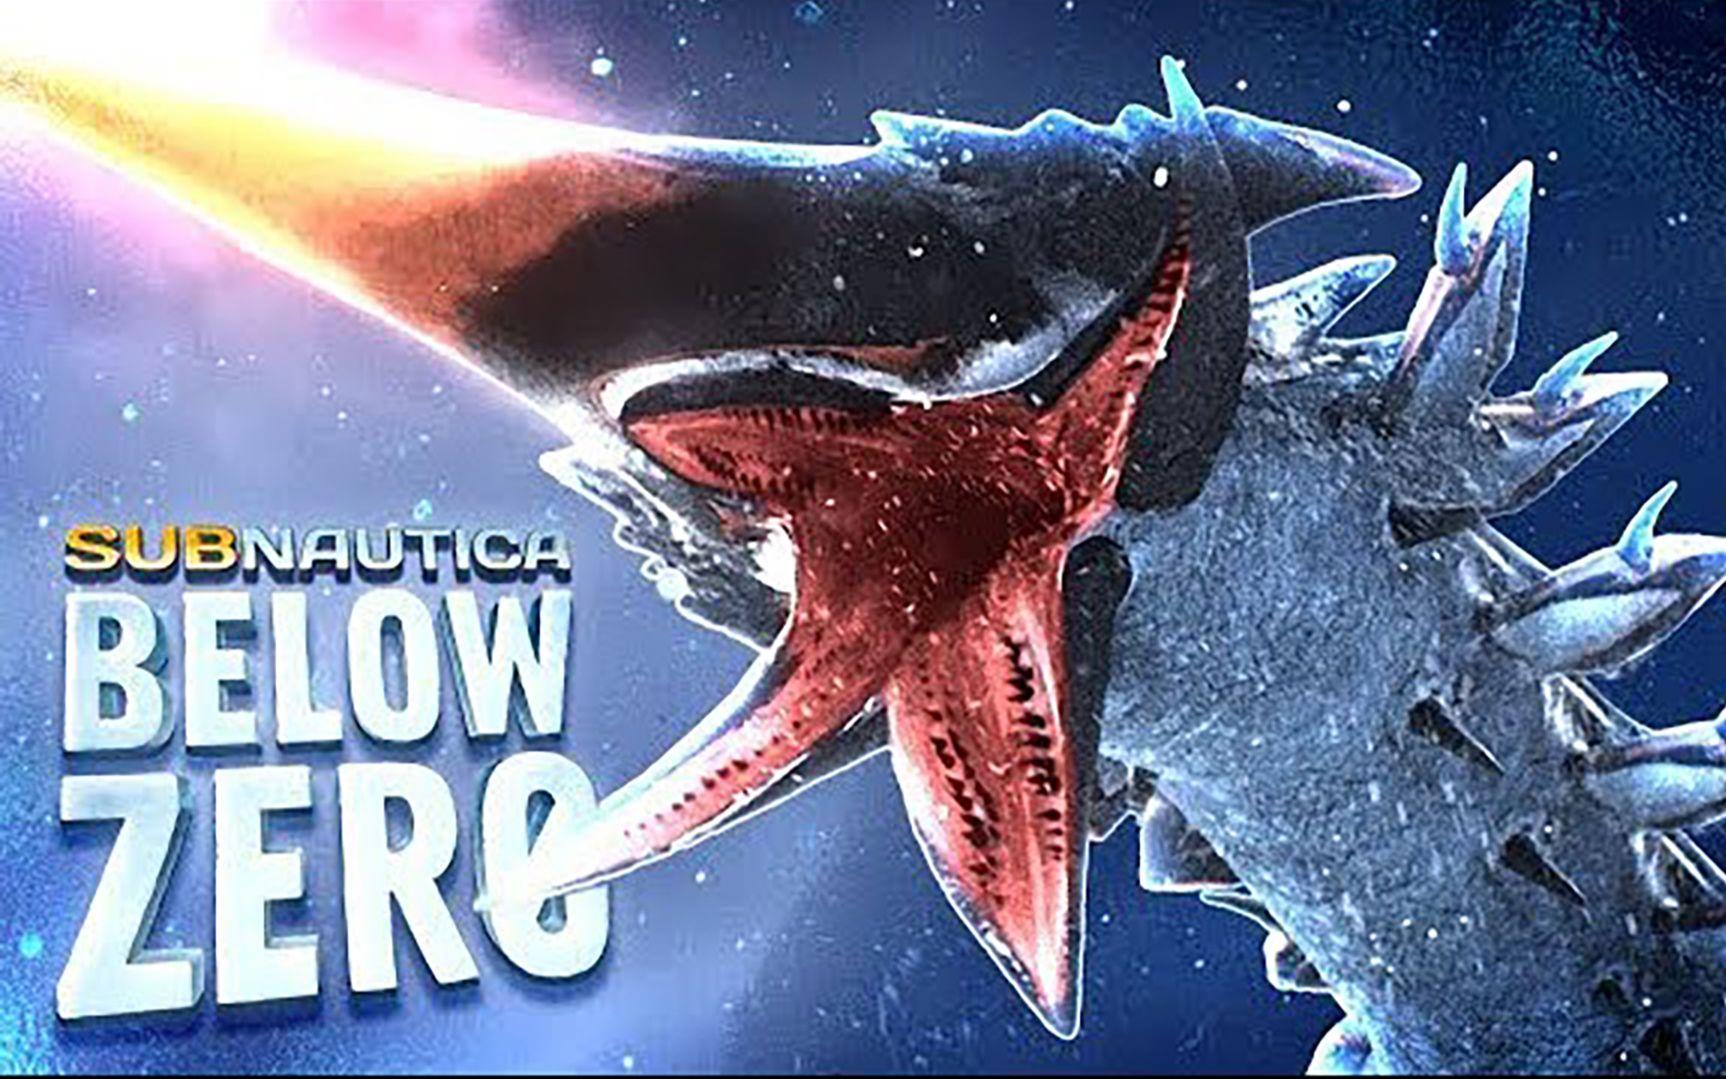 【矿蛙】深海迷航零度之下丨12 冰虫与先驱者躯体